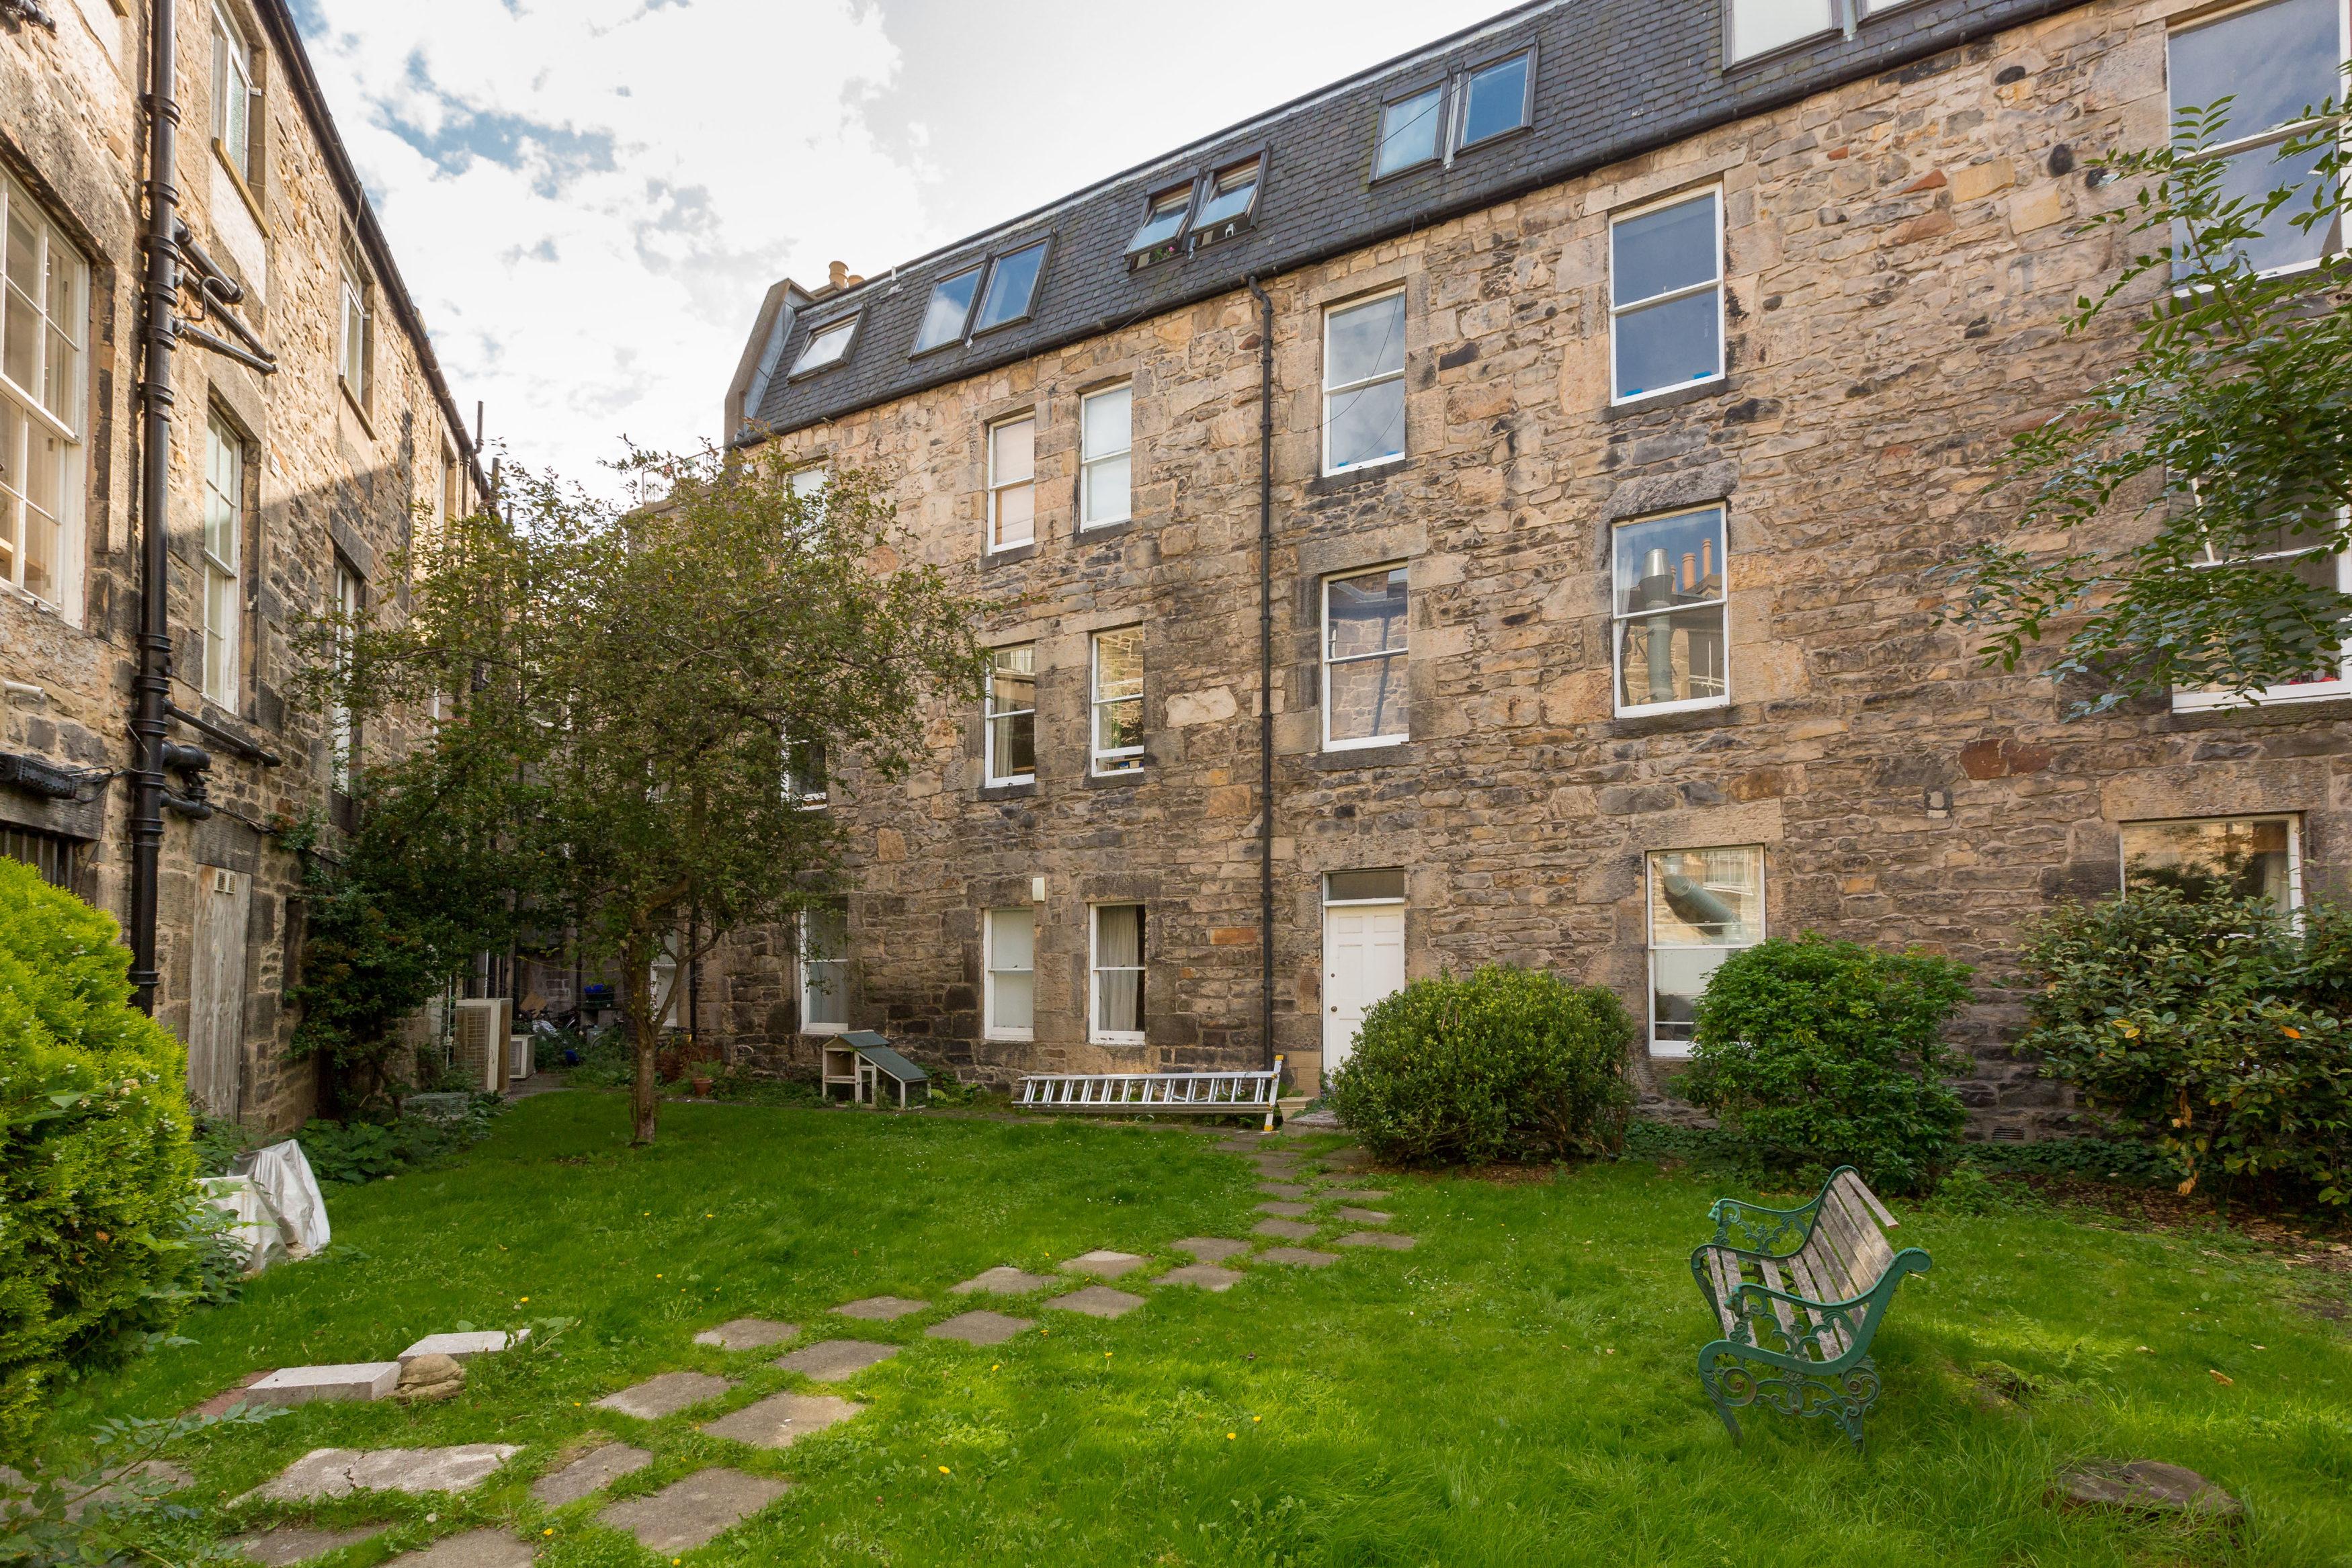 7/8 Dean Street, Stockbridge, Edinburgh, EH4 1LN